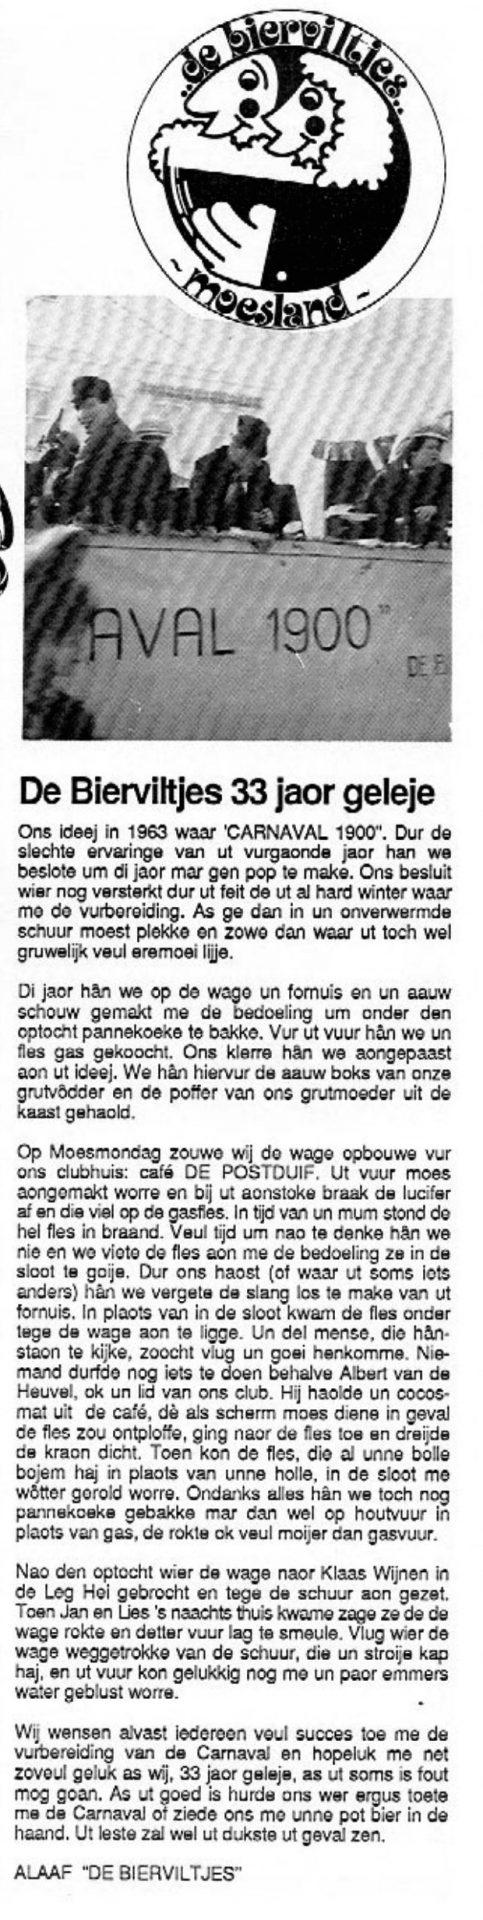 Stuk uit de carnavalskrant van de Bierviltjes - 1996